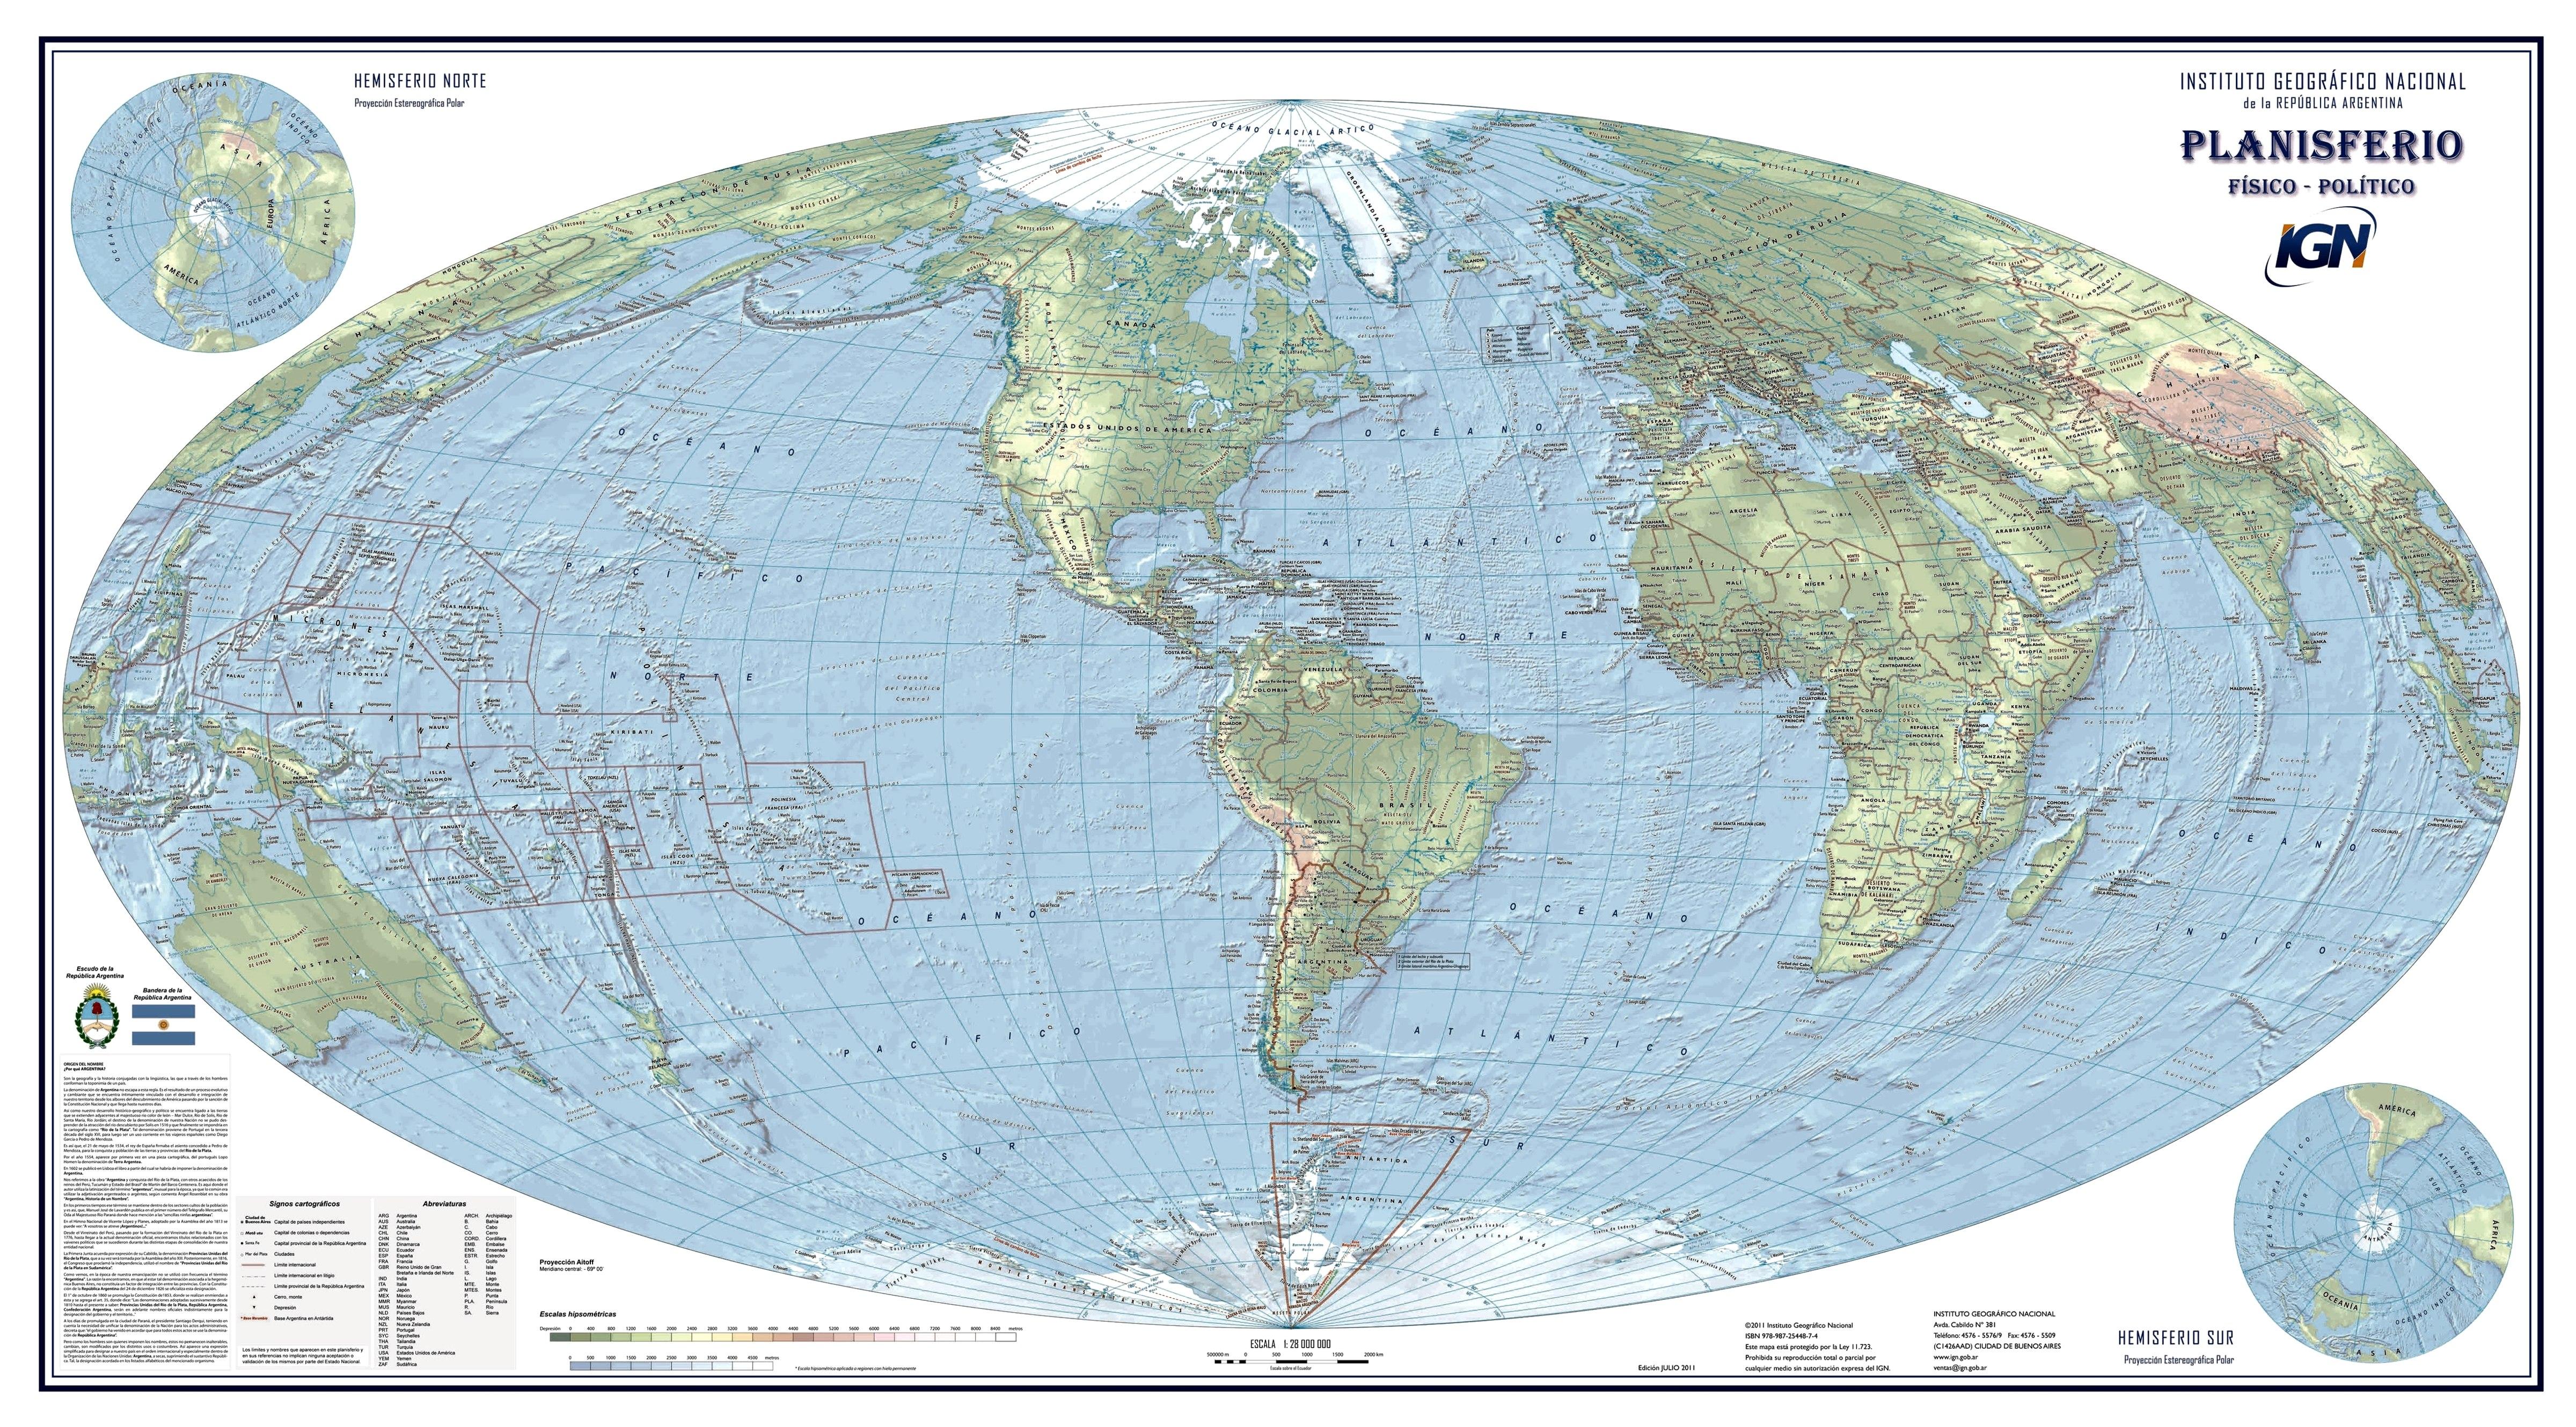 Resultado de imagen para planisferio con argentina en el centro